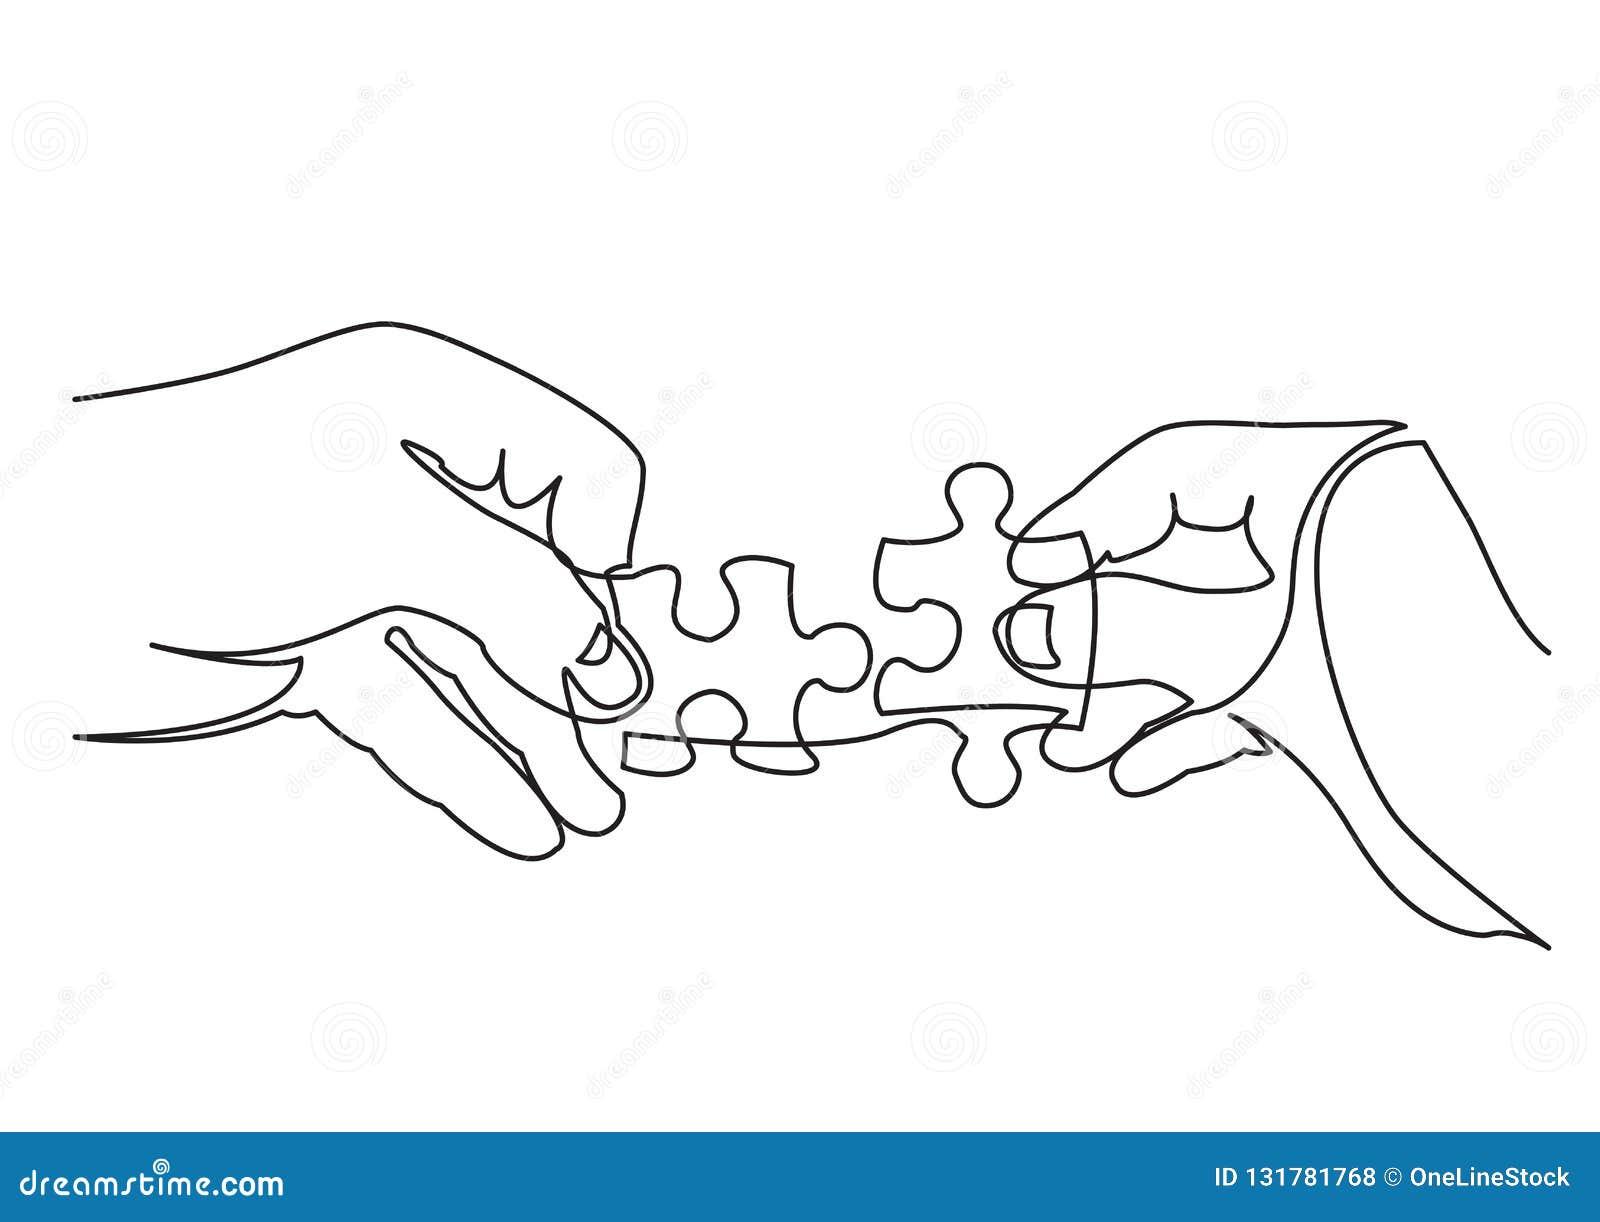 Ununterbrochenes Federzeichnung von den Händen, die Puzzlen lösen